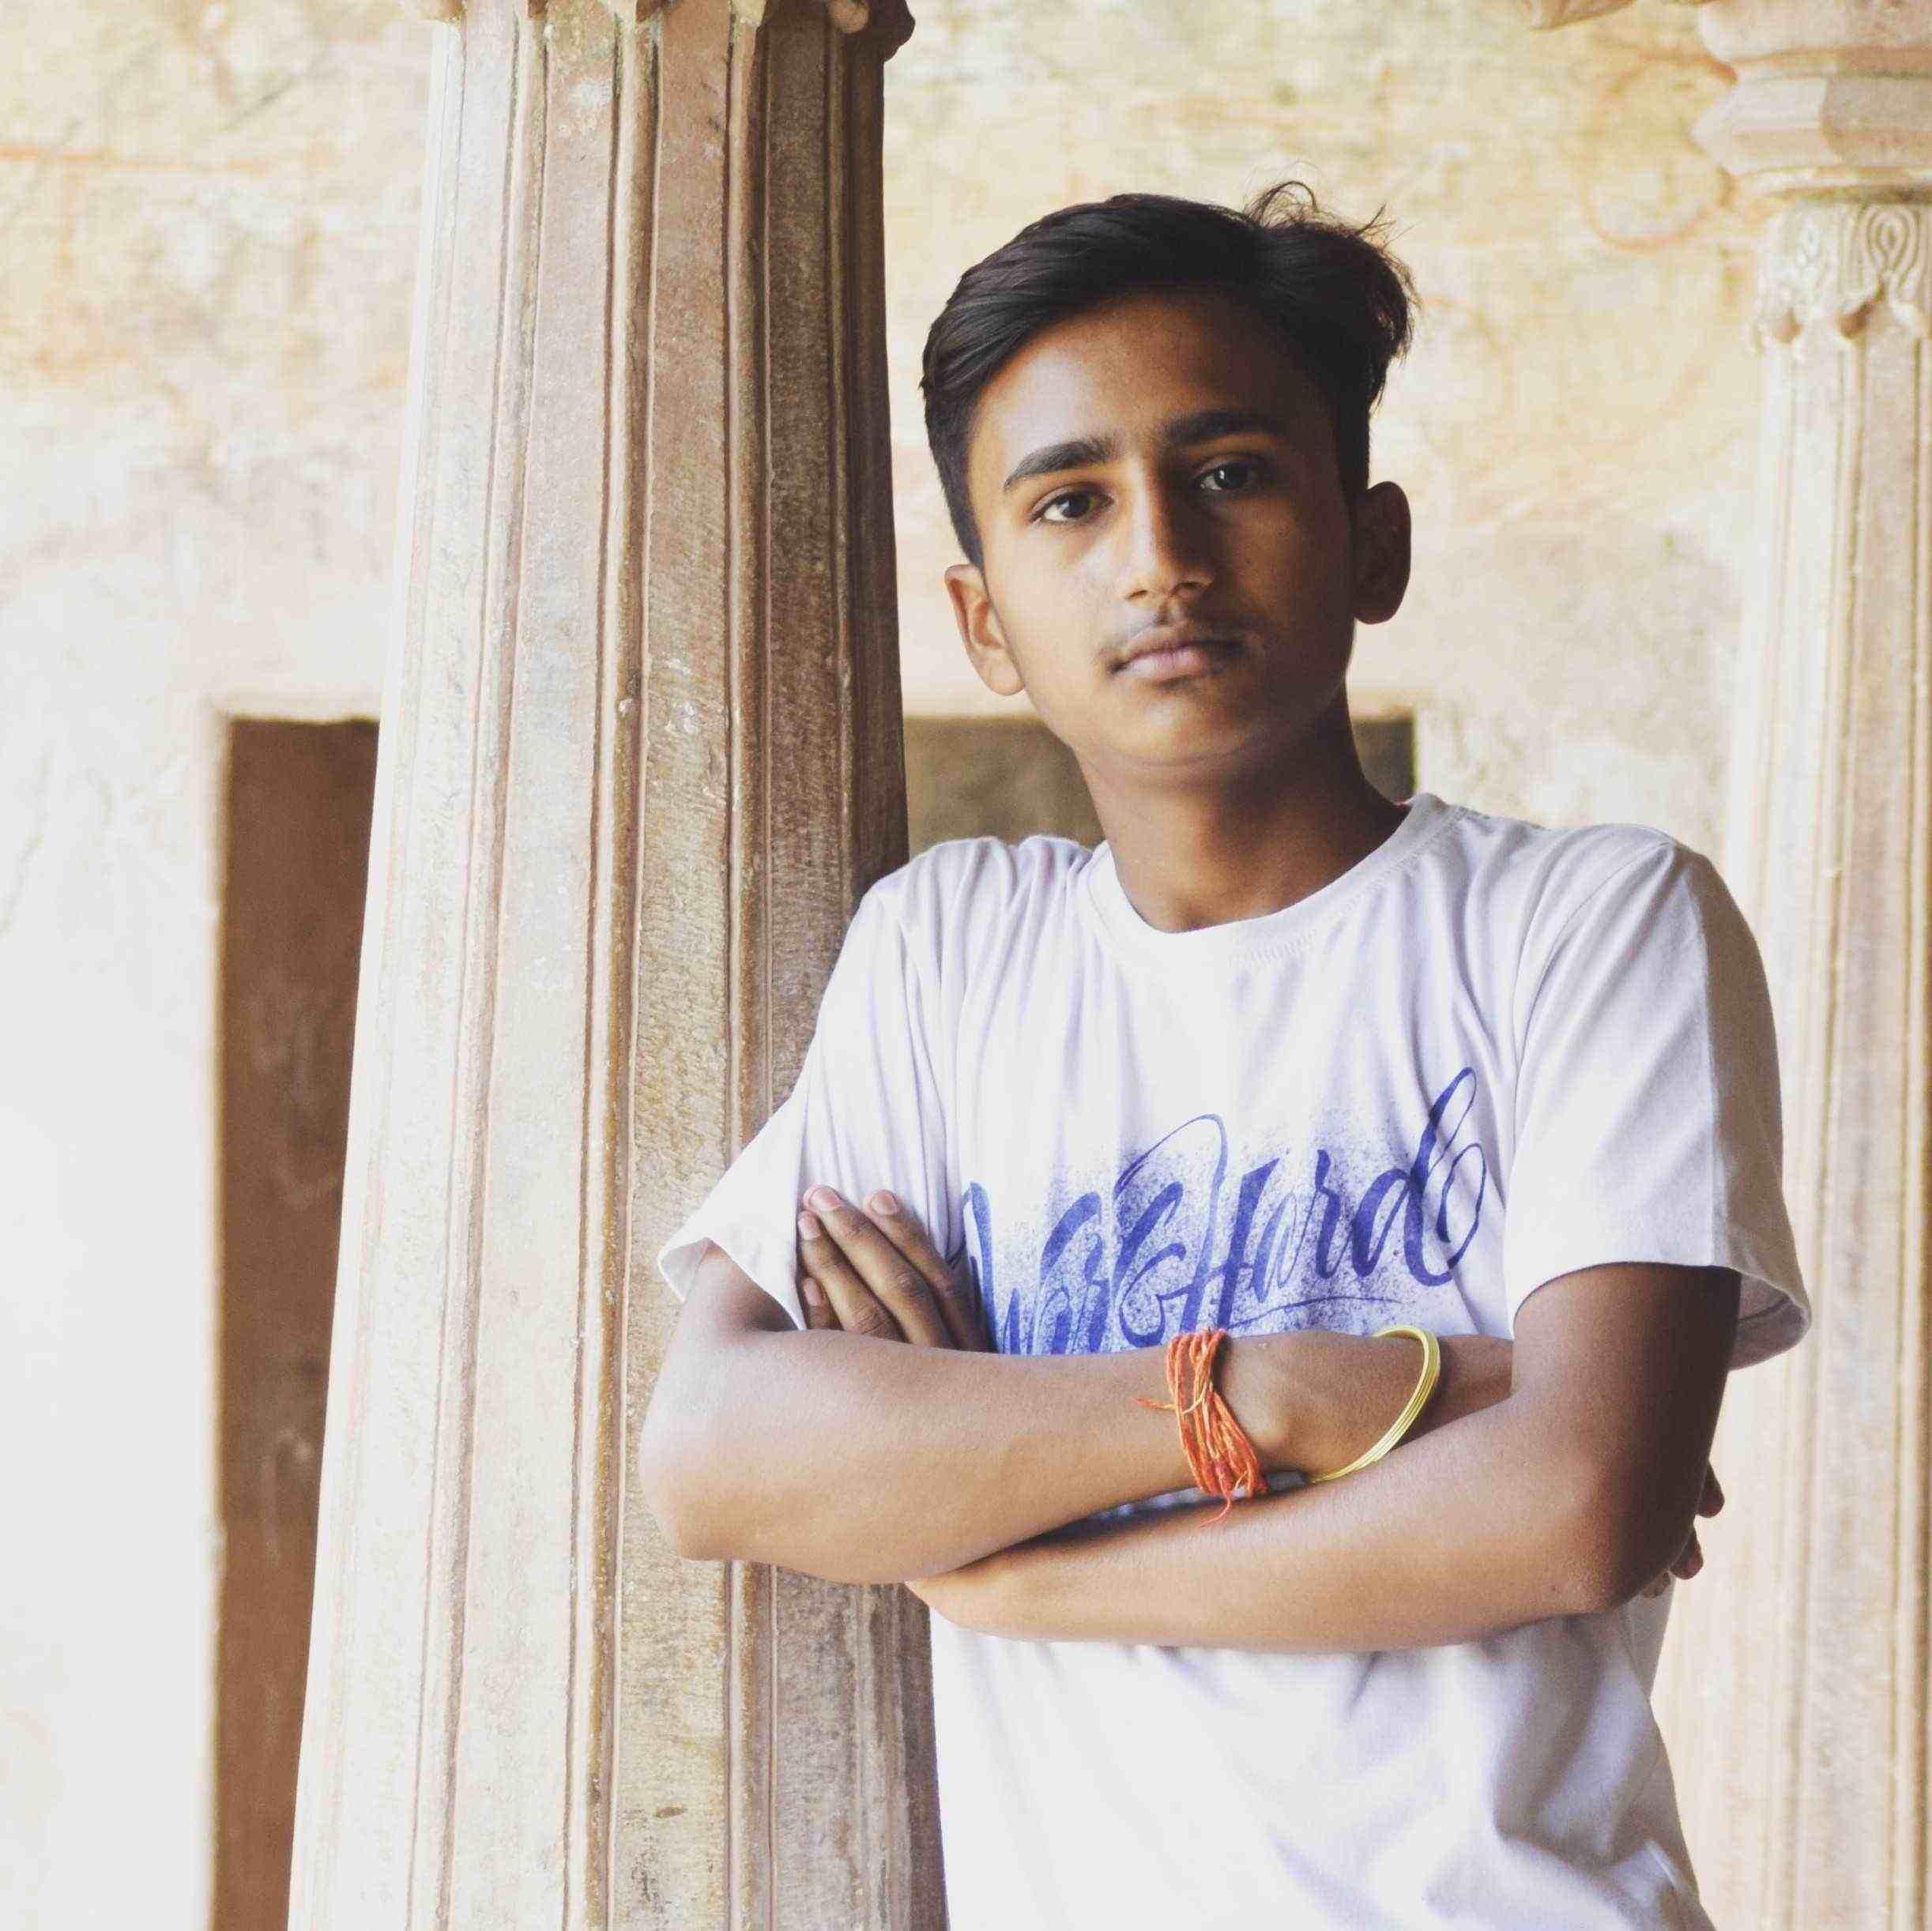 Rahul Gupta कल्पनाओ मे जाकर कल्पनाये करने वाला क्षणजीवी चिरयात्री ओर असभ्य बच्चा